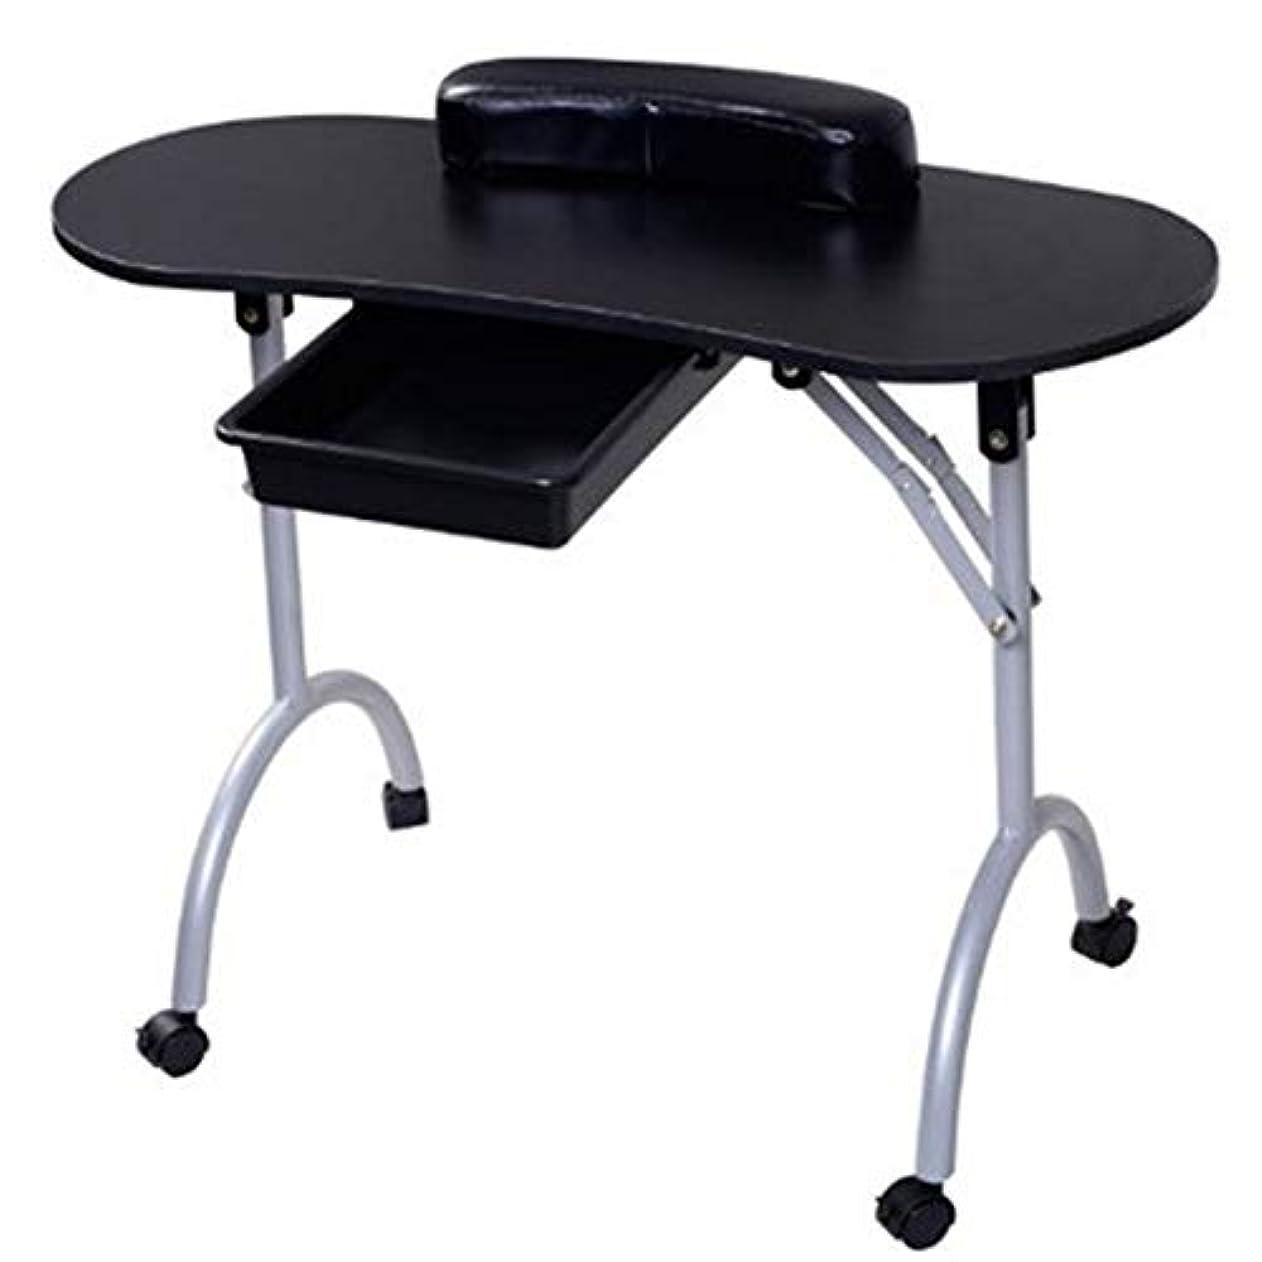 優れました照らす送金折りたたみネイルテーブルホームポータブルモバイルプーリー車スタジオビューティーサロンマニキュアテーブル引き出しとリストレストとキャリングバッグ,Black